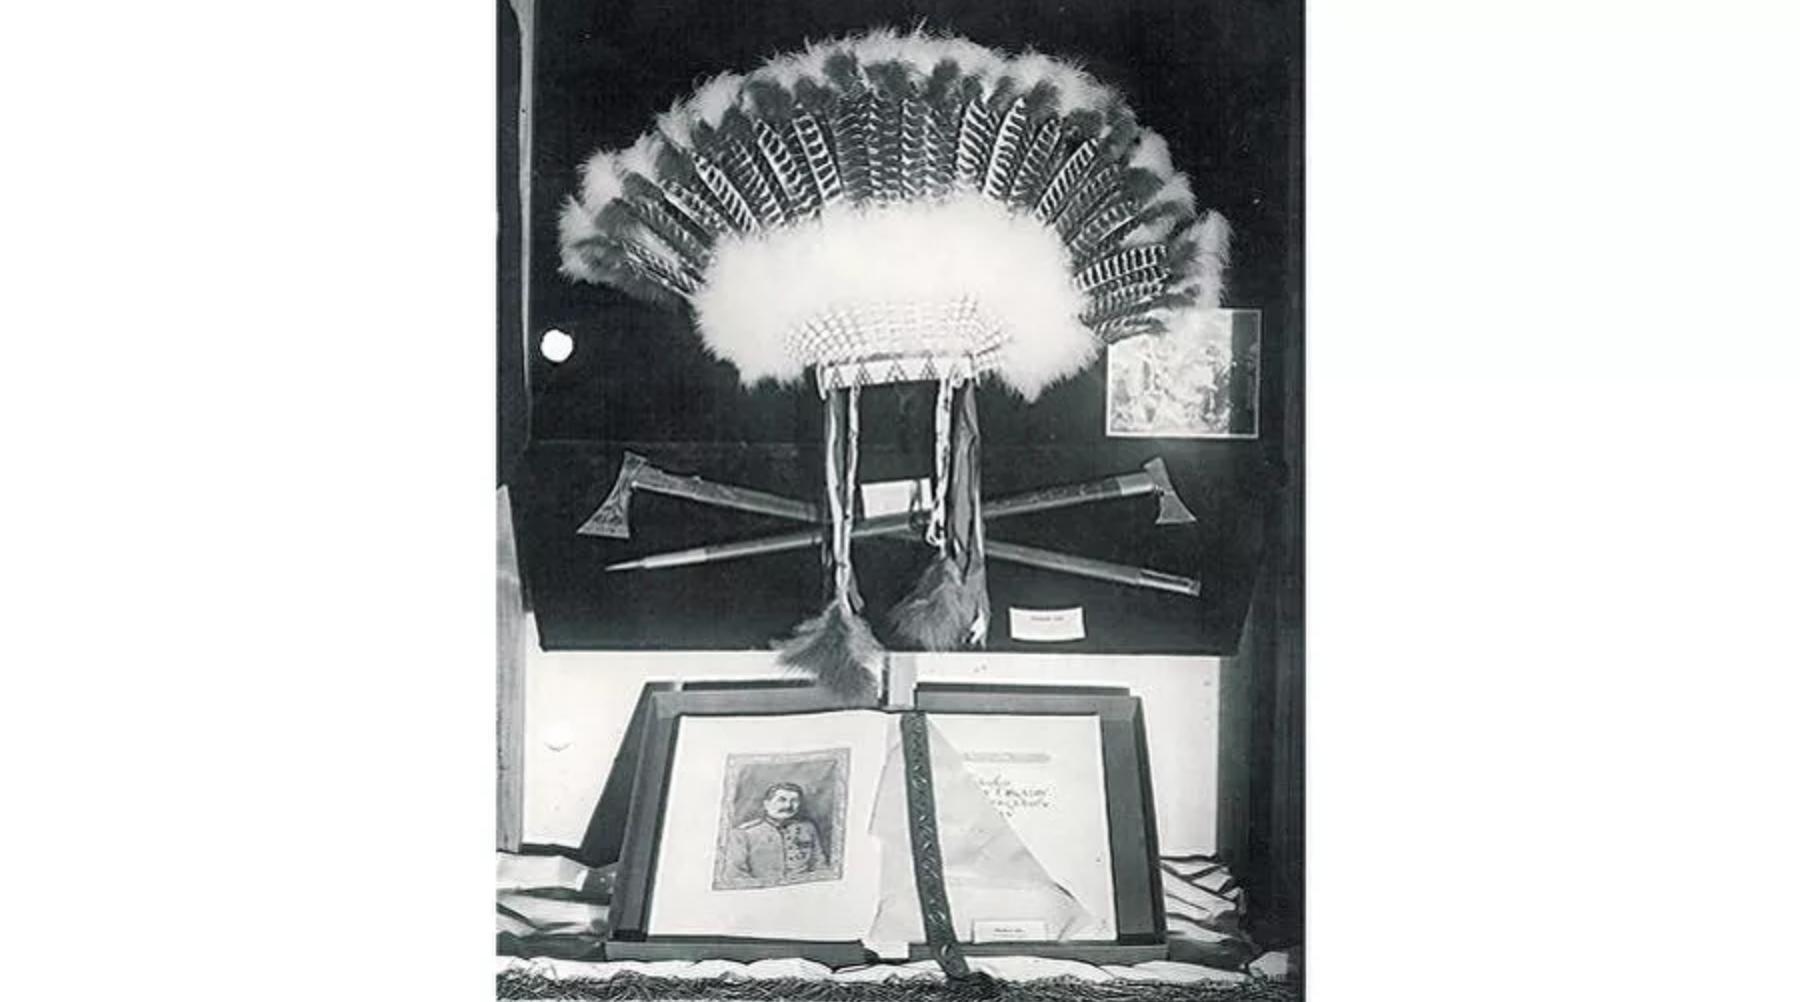 Национални индијански украс за главу на изложби поклона Стаљину